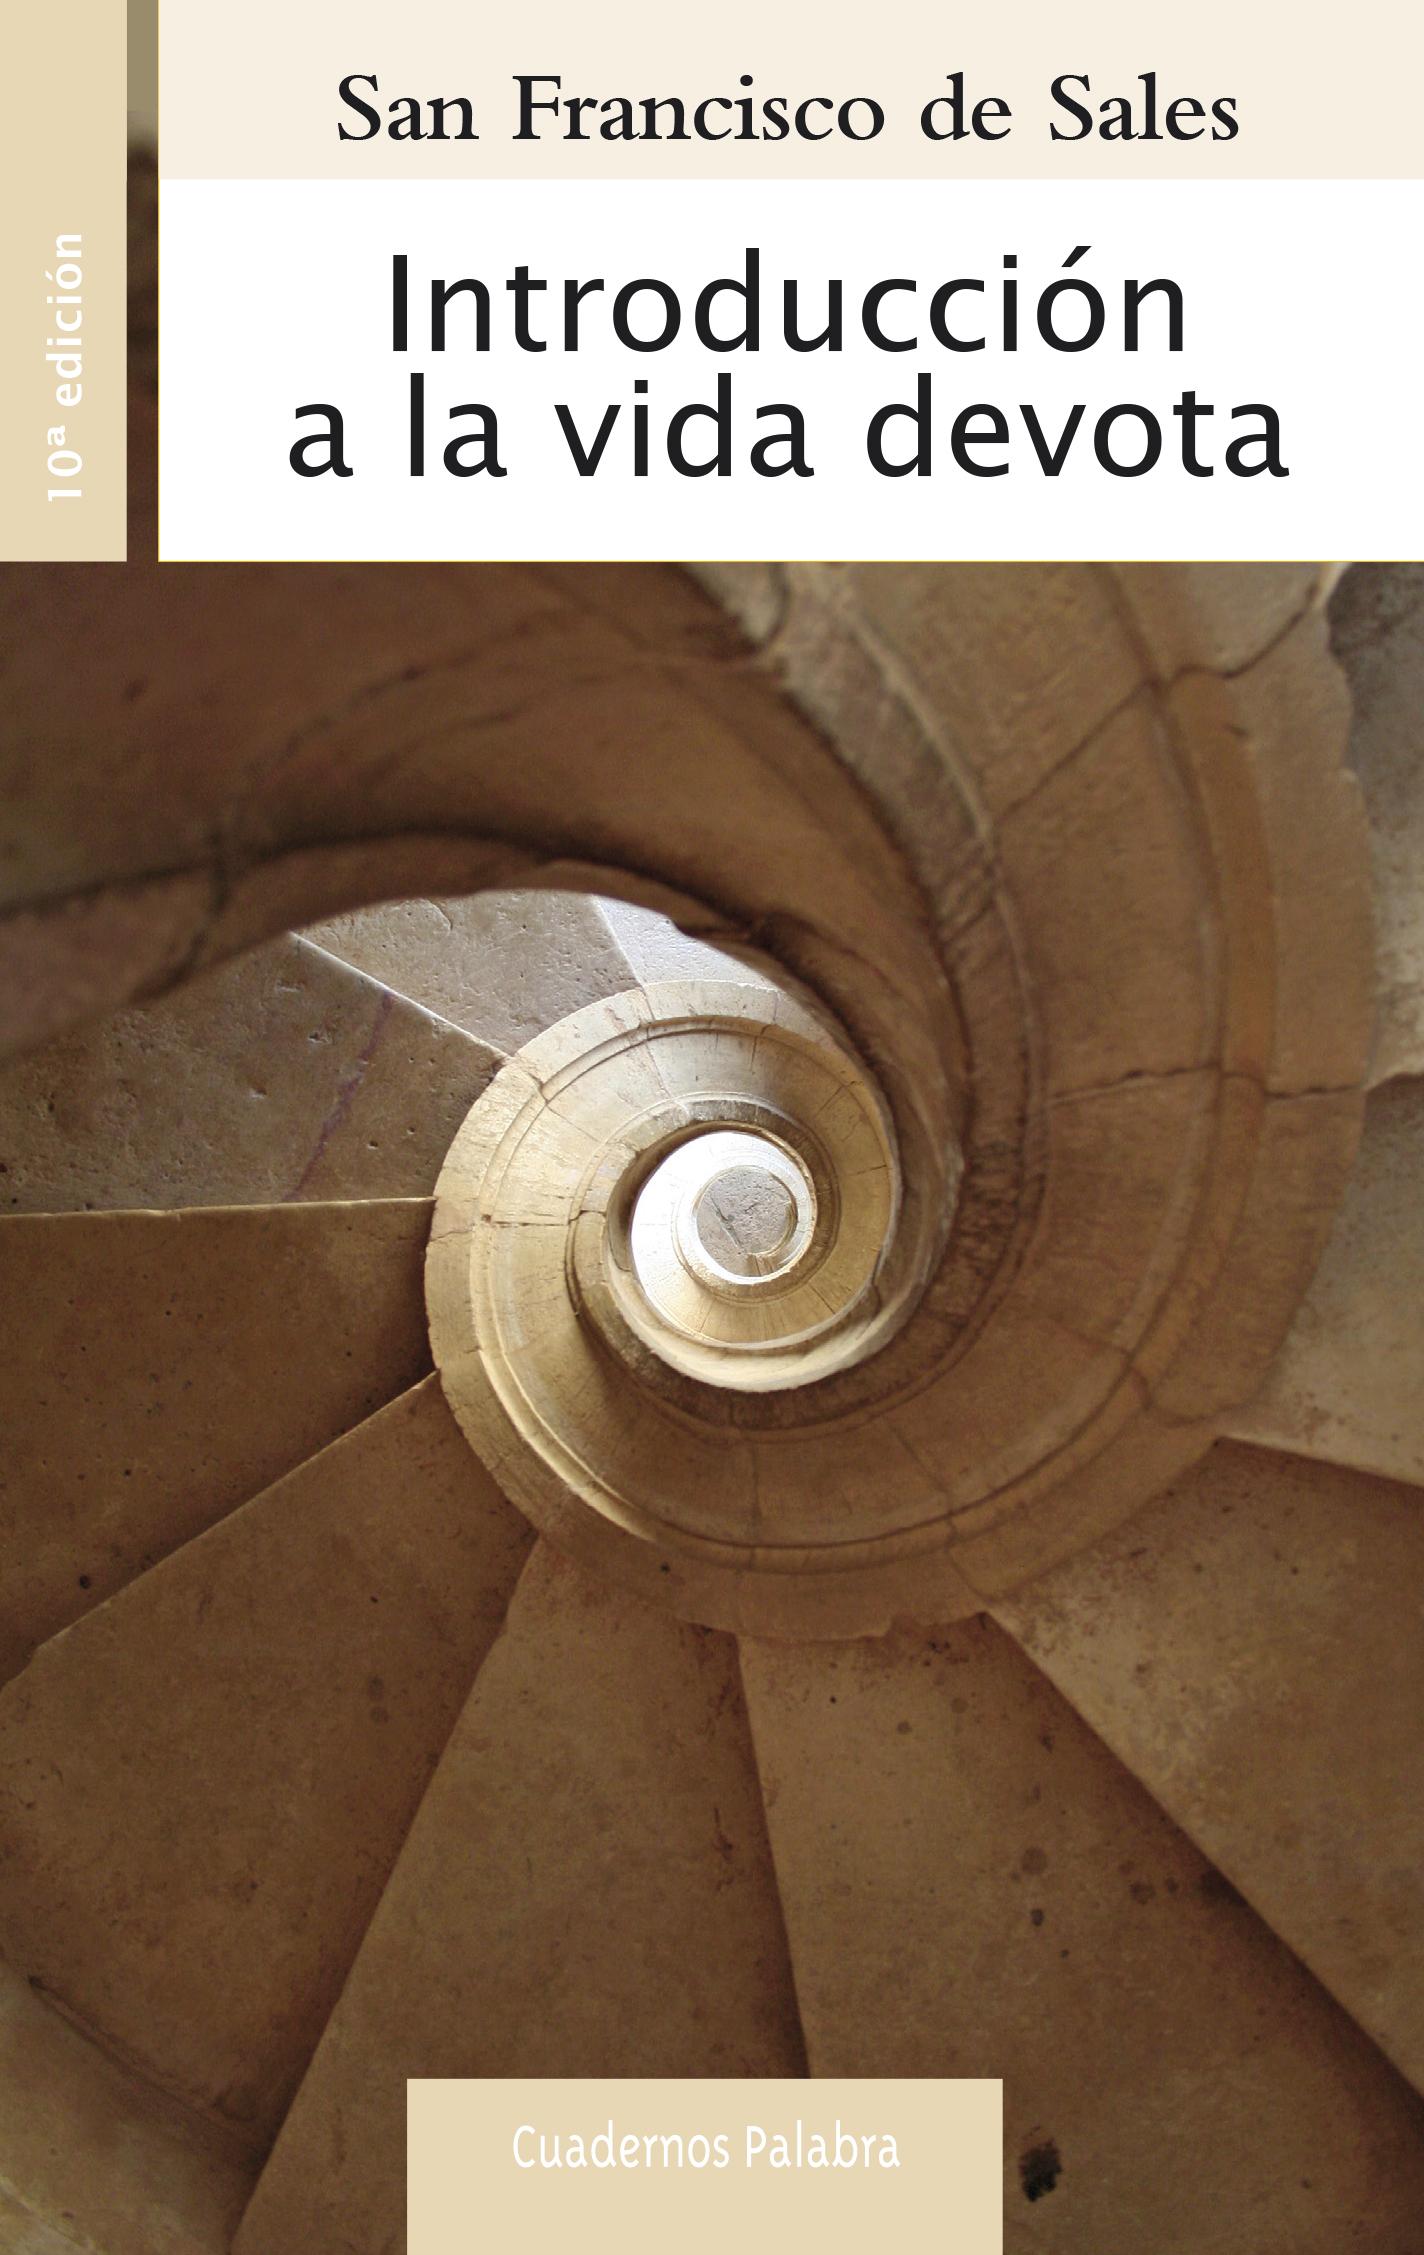 3af66495597 Libro  Introducción a la vida devota de San Francisco de Sales